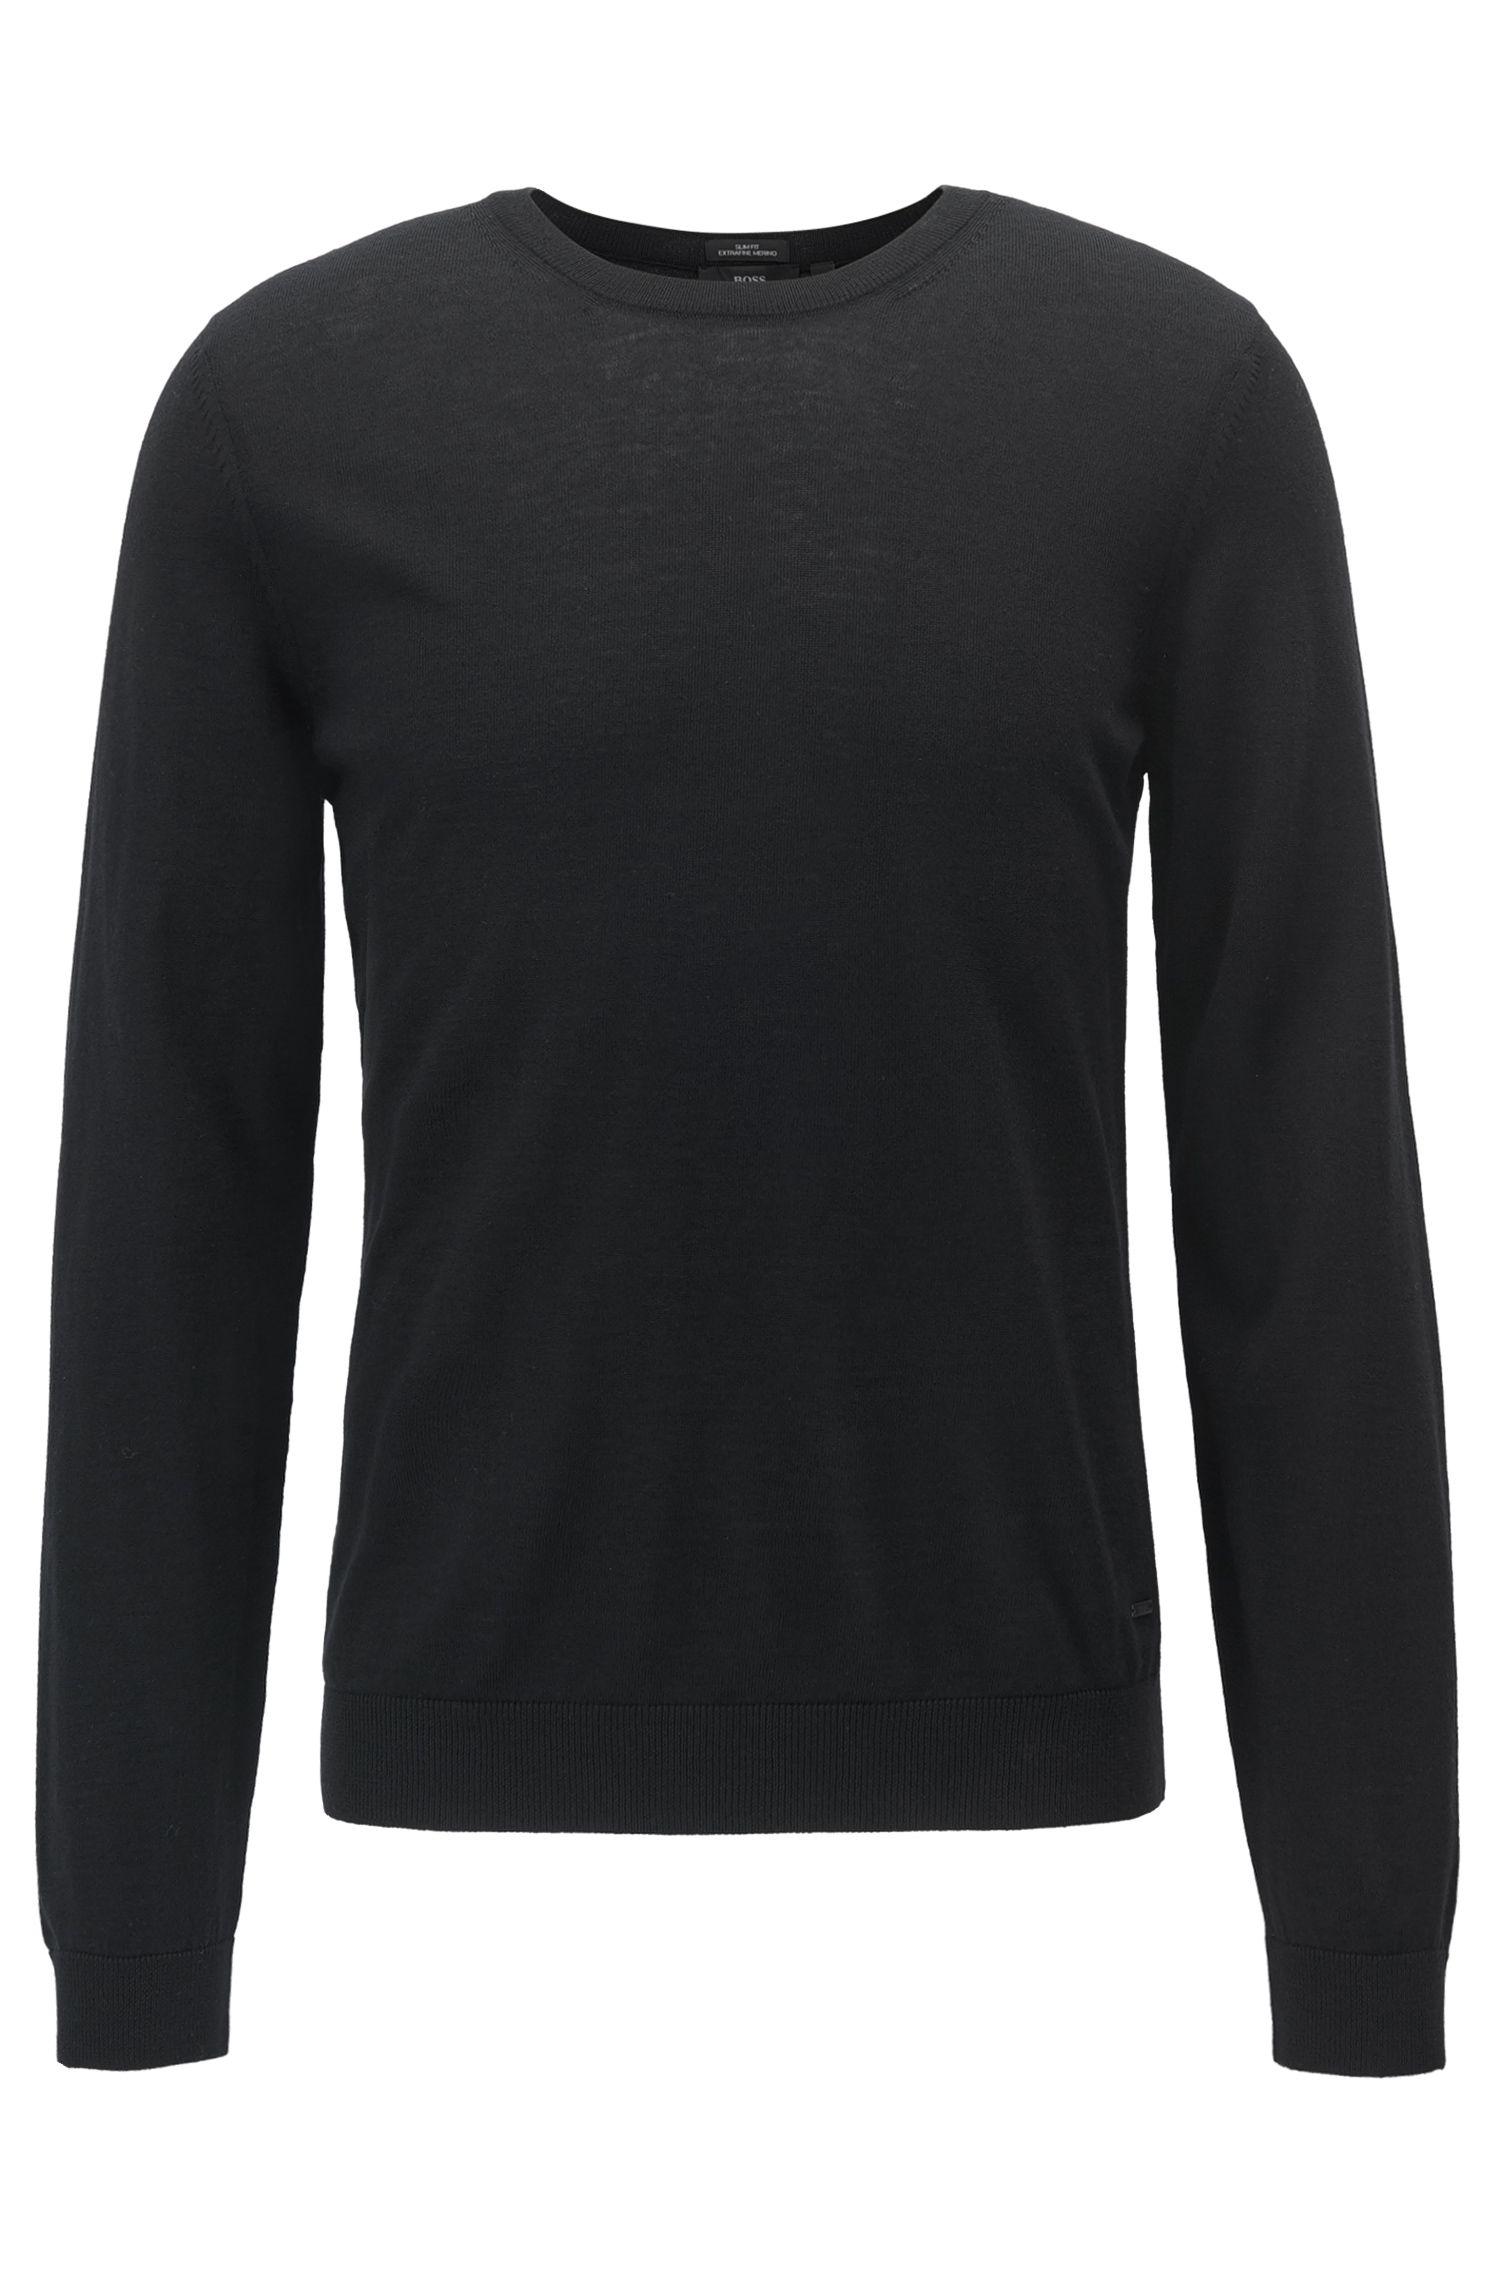 Jersey de cuello redondo en lana virgen